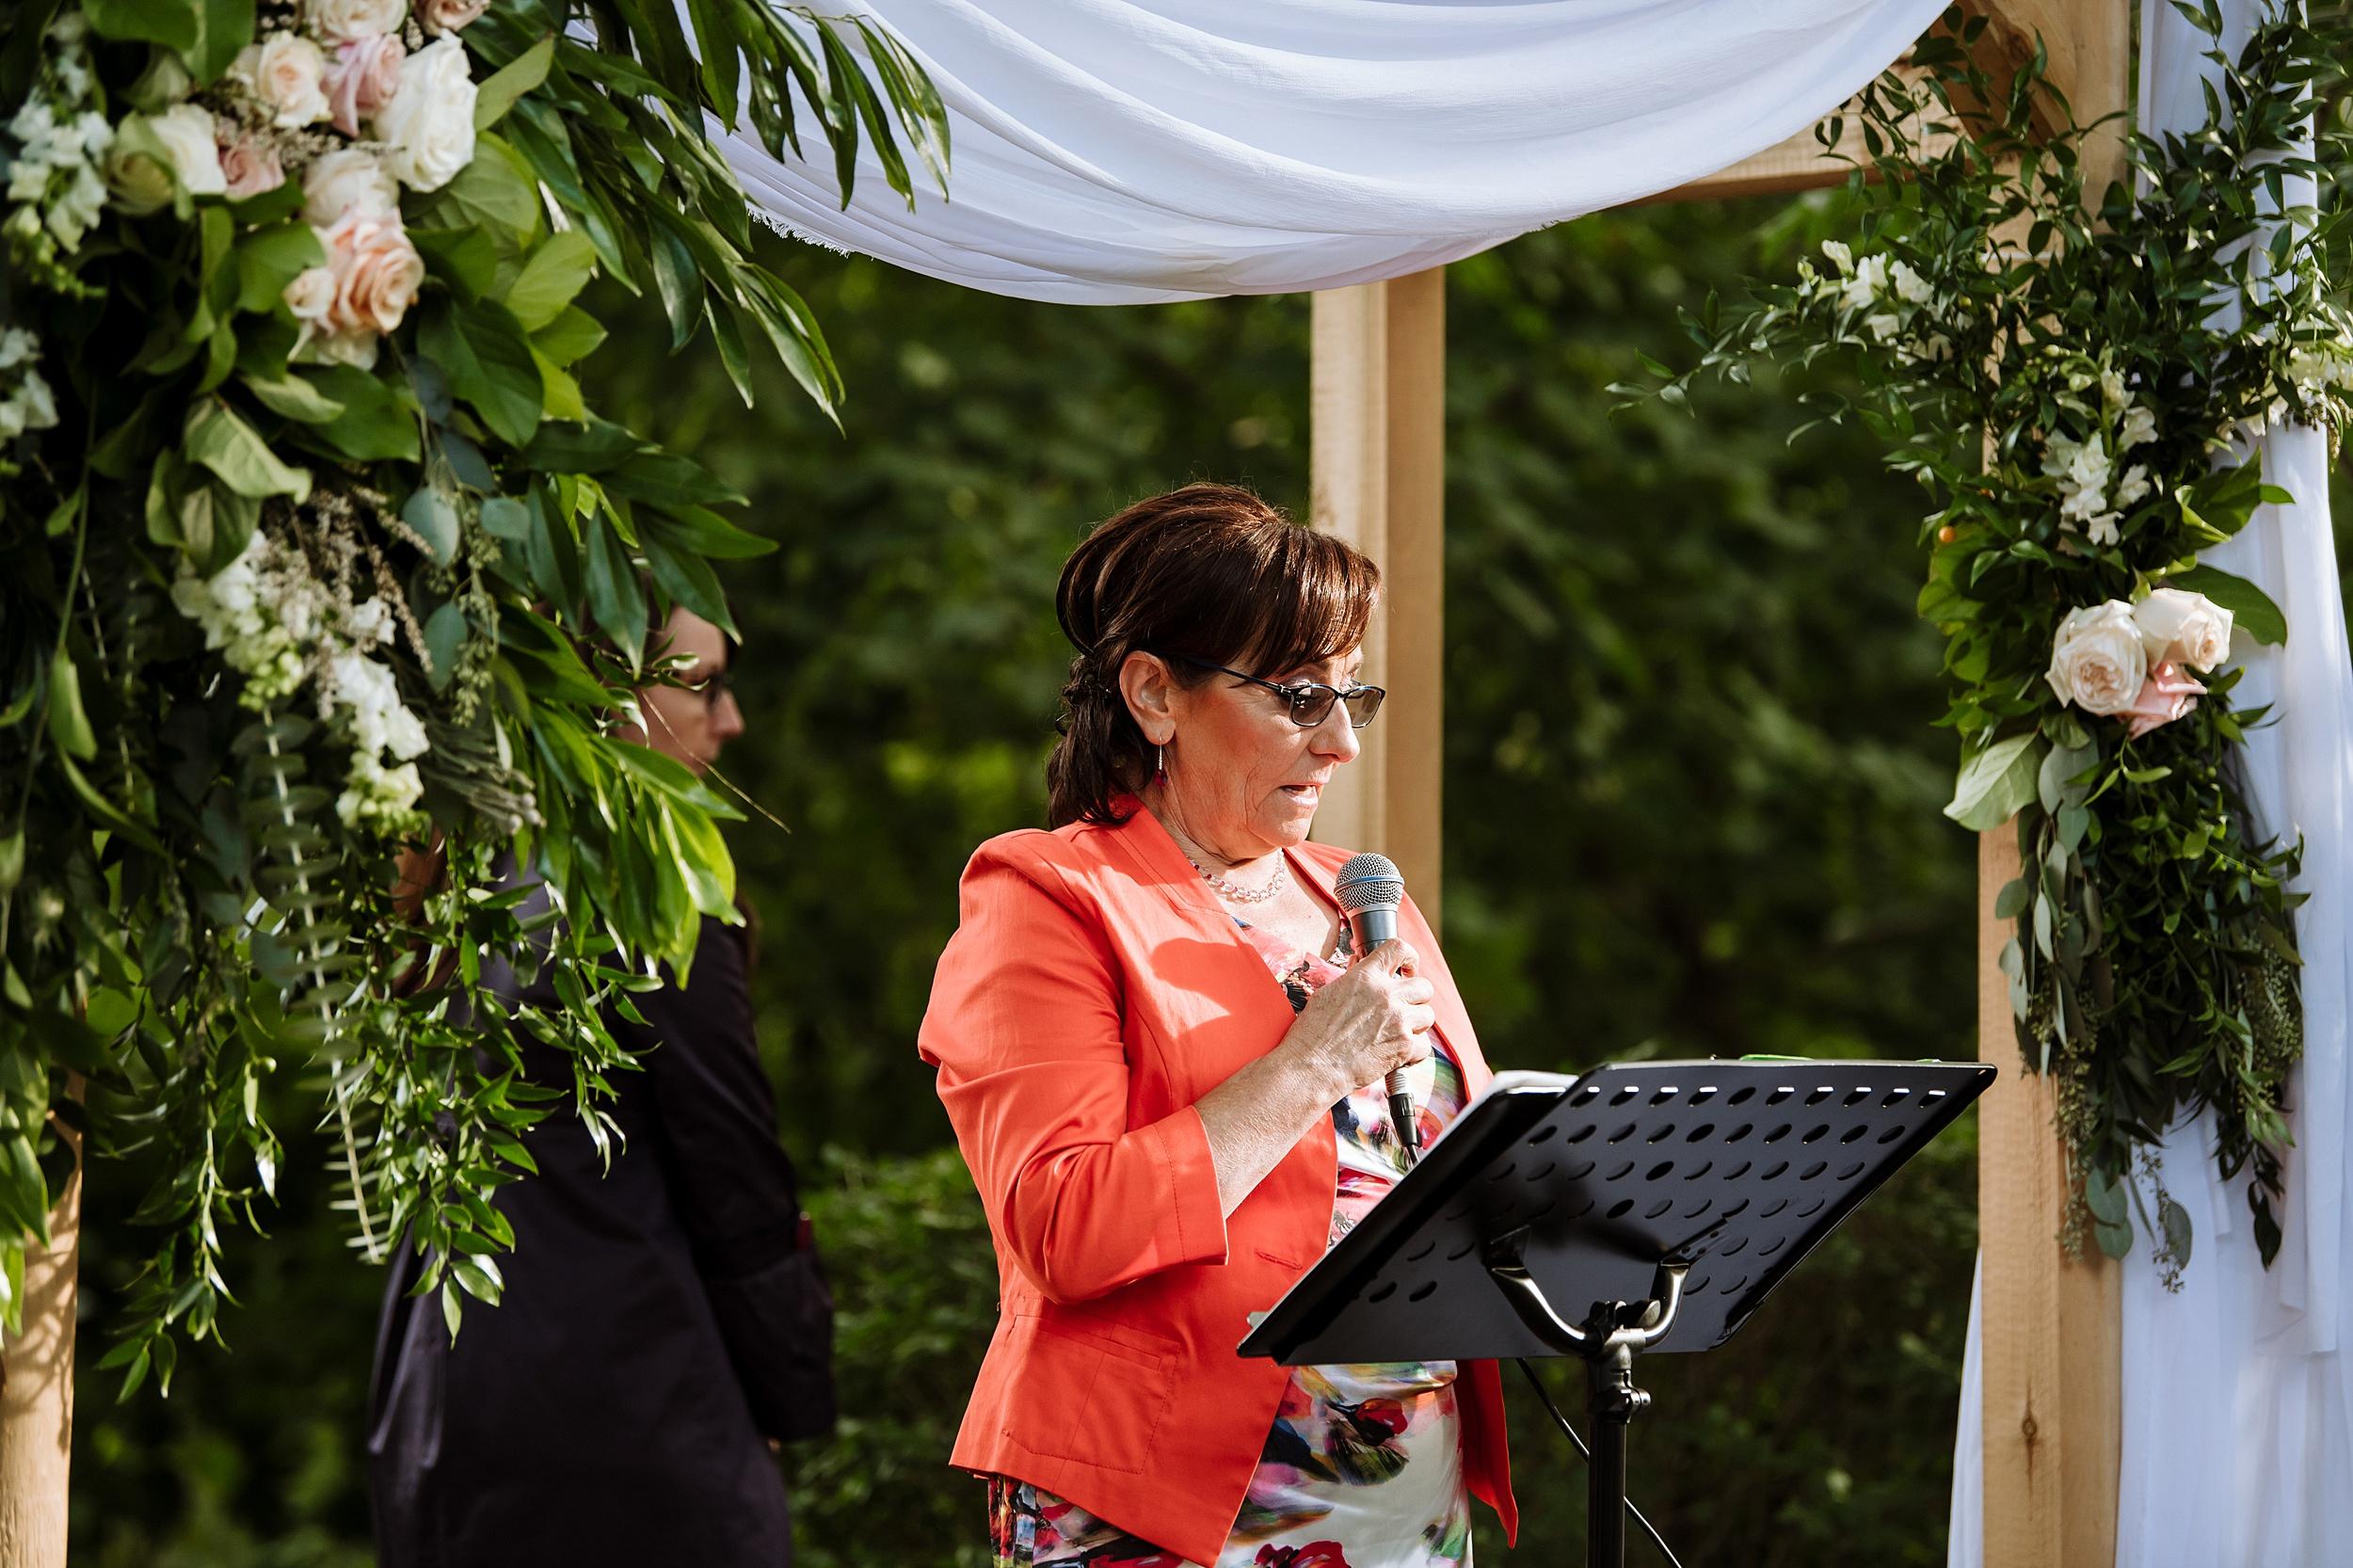 Rustic_Backyard_Wedding_Toronto_Photographer109.jpg